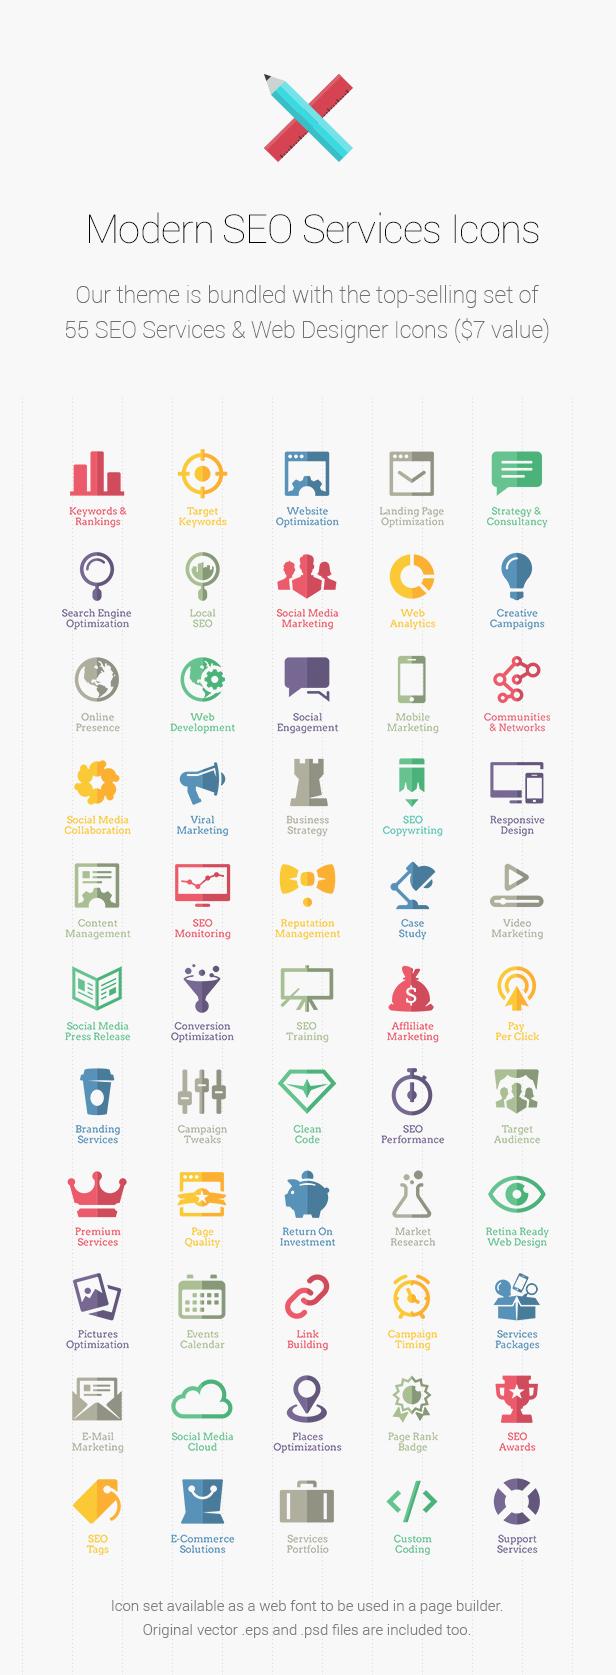 seo5 - SEO WP: WordPress Theme for Digital Marketing Agency, Social Media & SEO Company